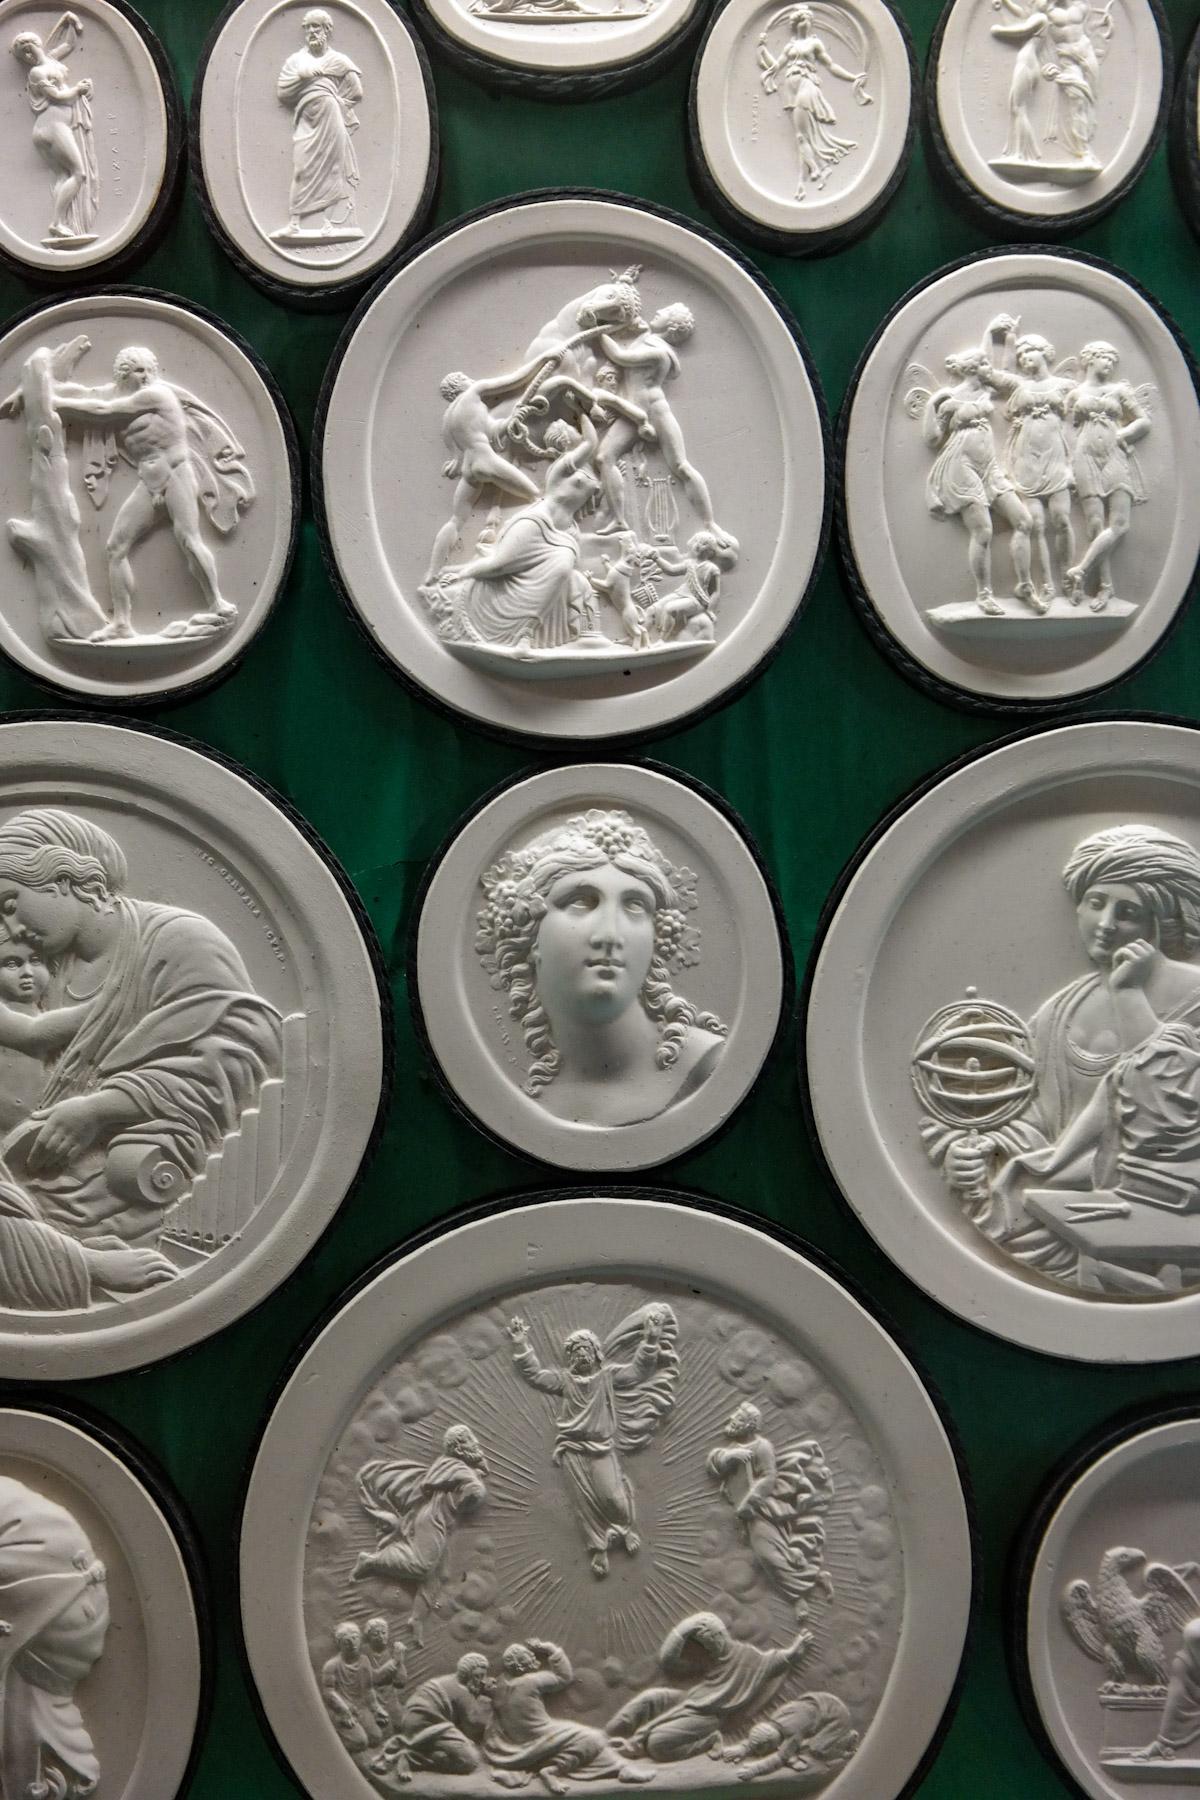 Plaster Cameos by Giovanni Liberotti, Villa Carlotta in Tremezzina, Italy